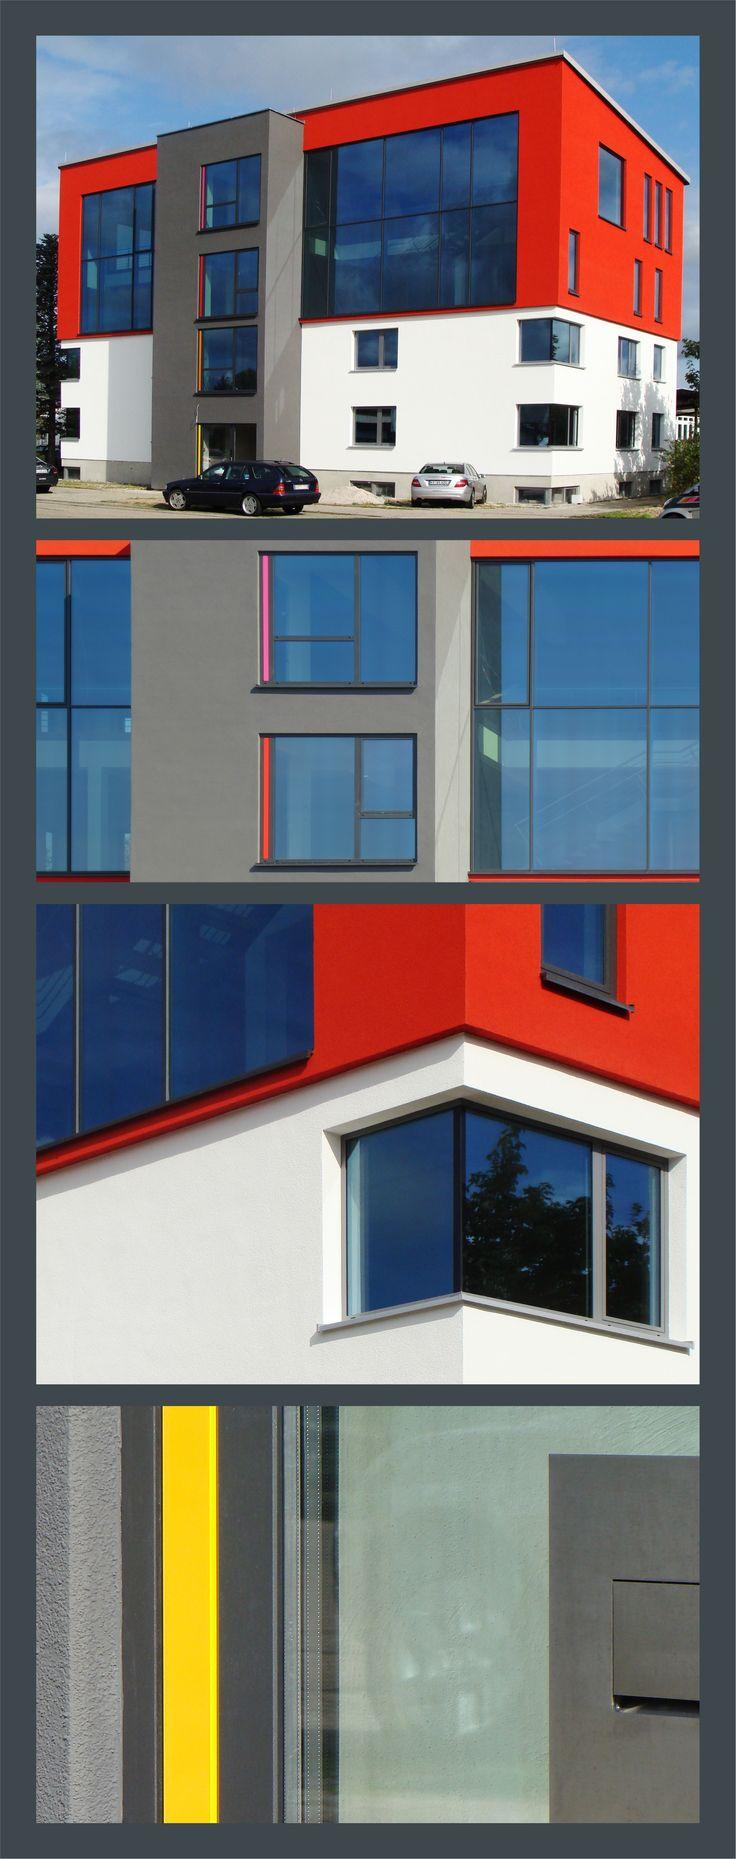 Der Neubau für die Fenster- und Türenausstellung der Fa. Armbruster Bauelemente nimmt immer mehr Form an.